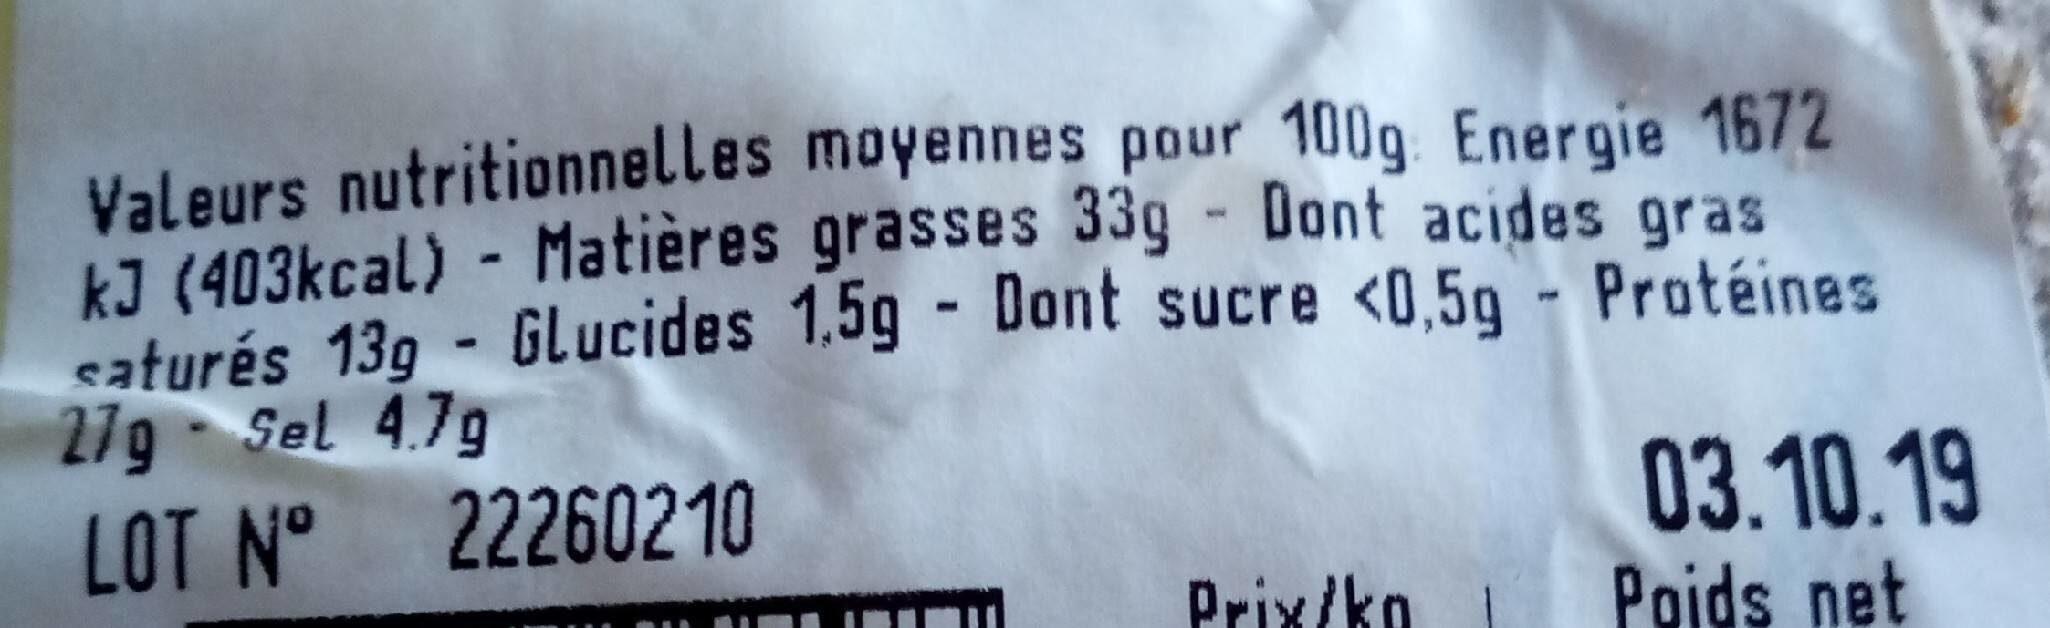 Saucisson d'Ardèche Debroas - Nährwertangaben - fr